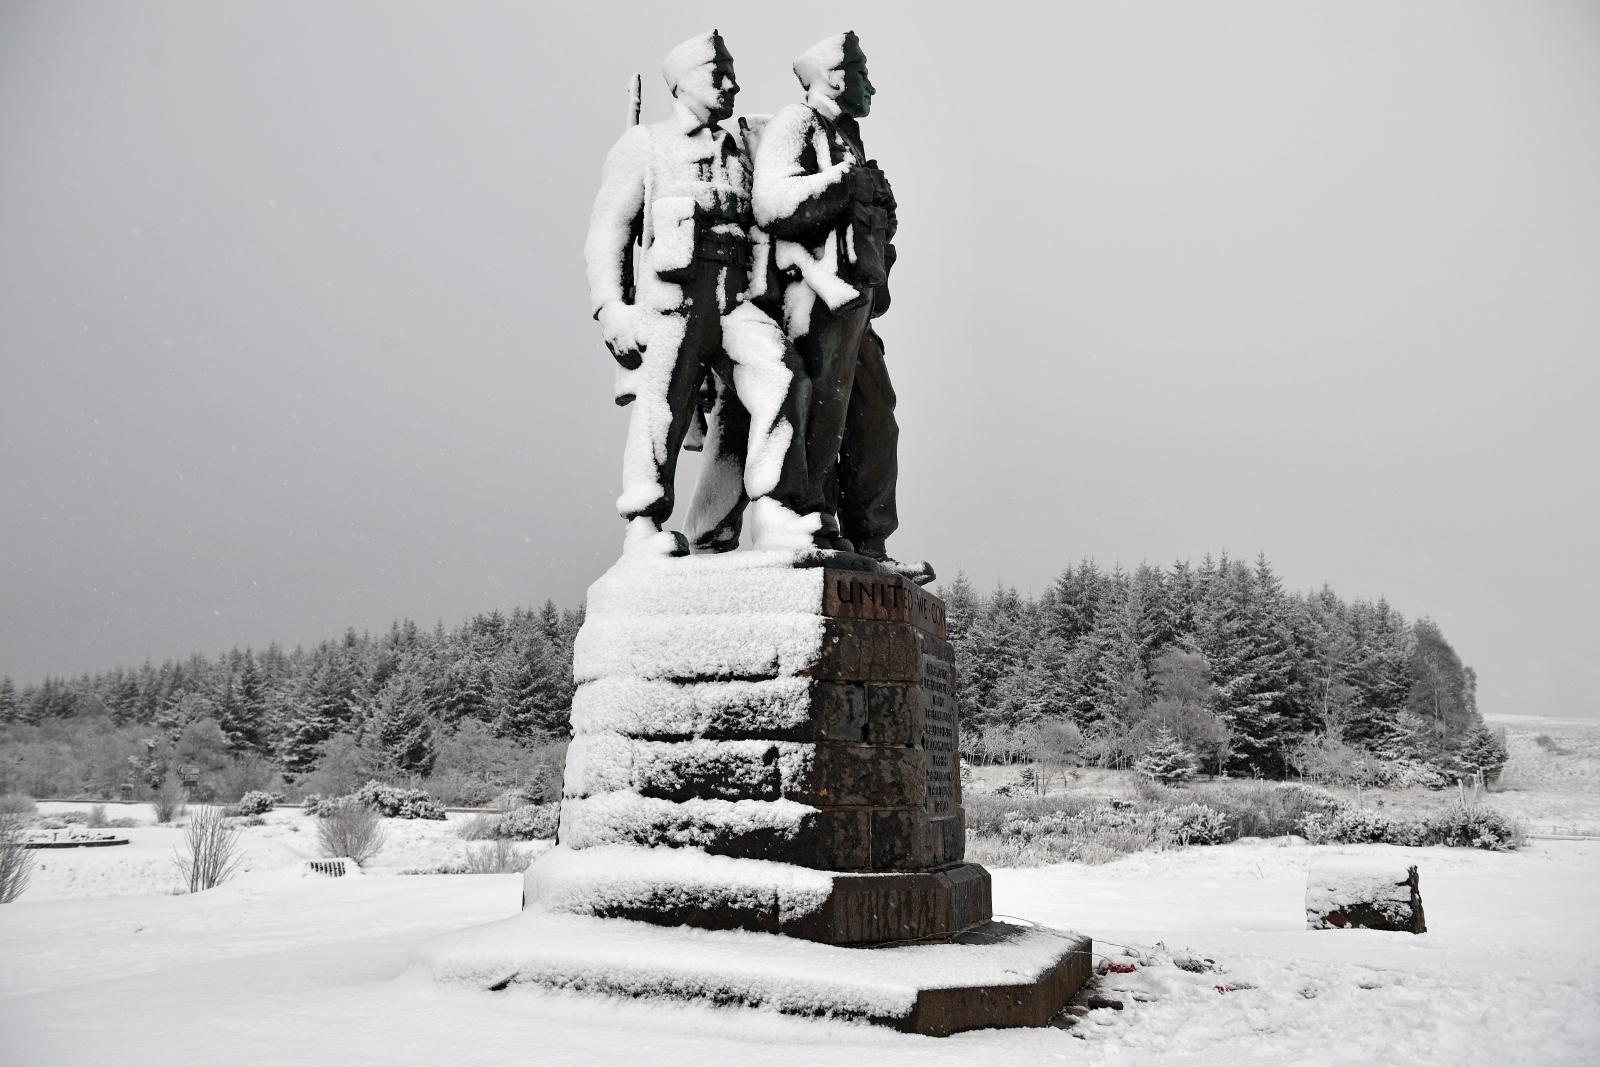 Snow britain